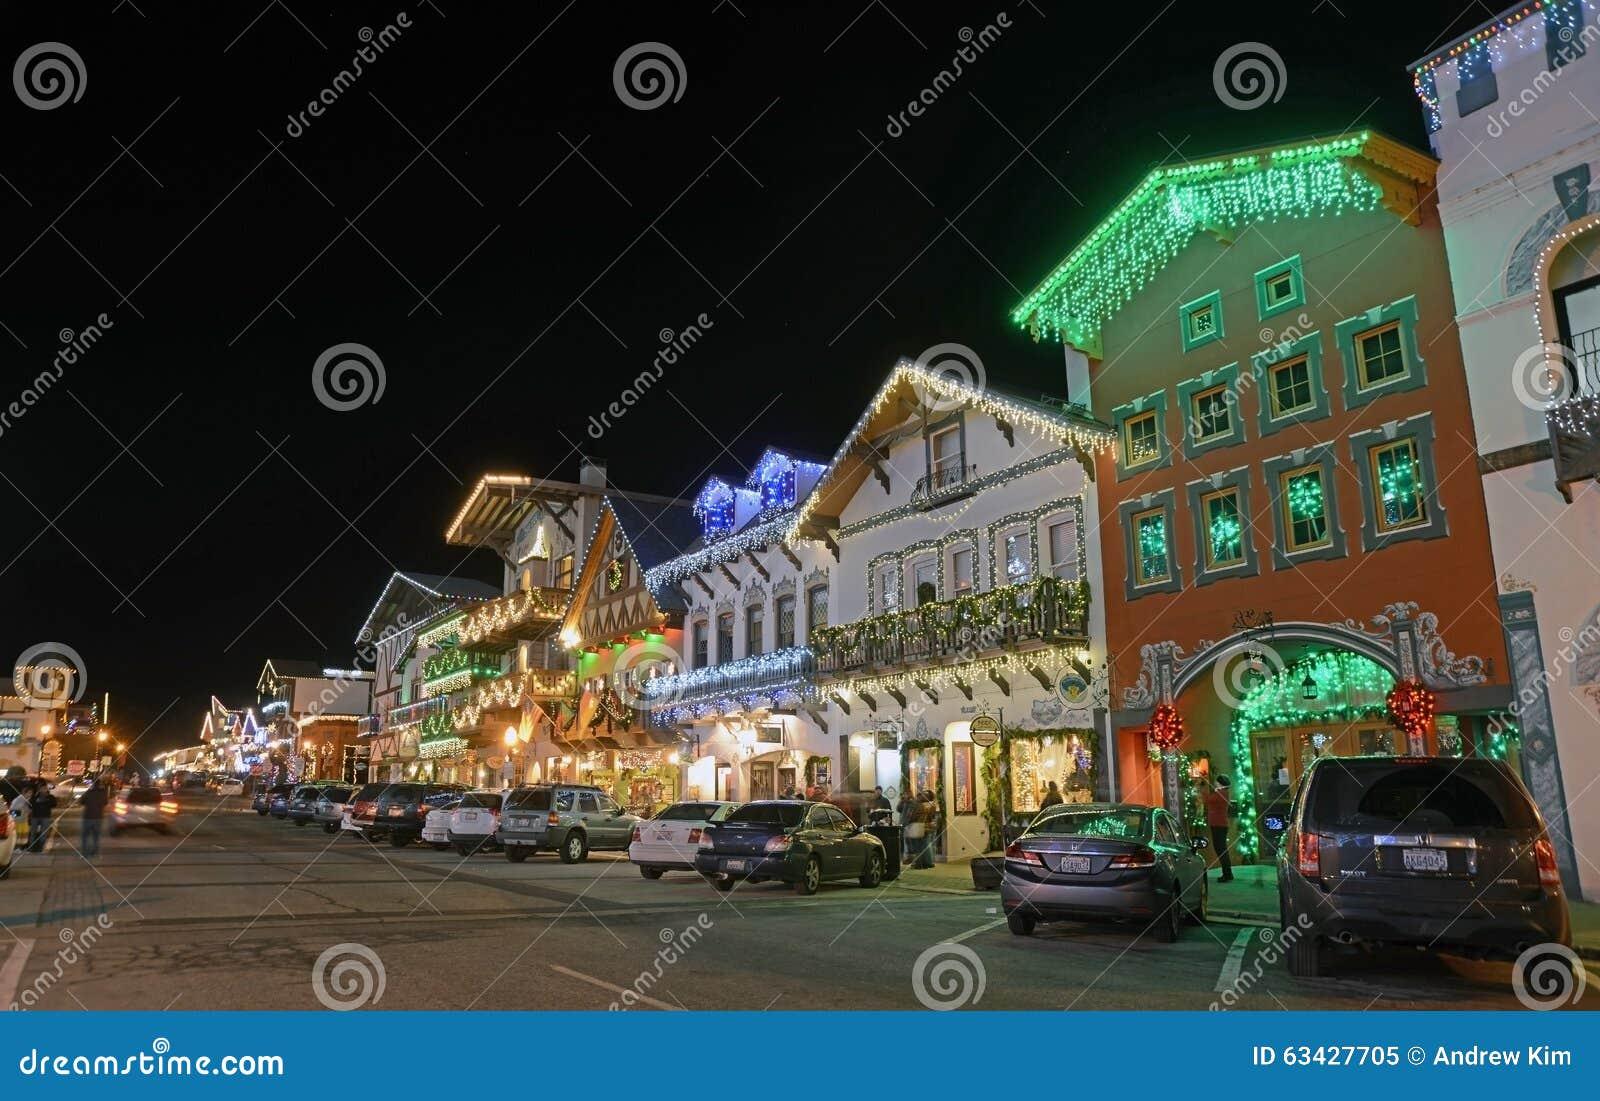 Illuminazione di natale in leavenworth immagine editoriale